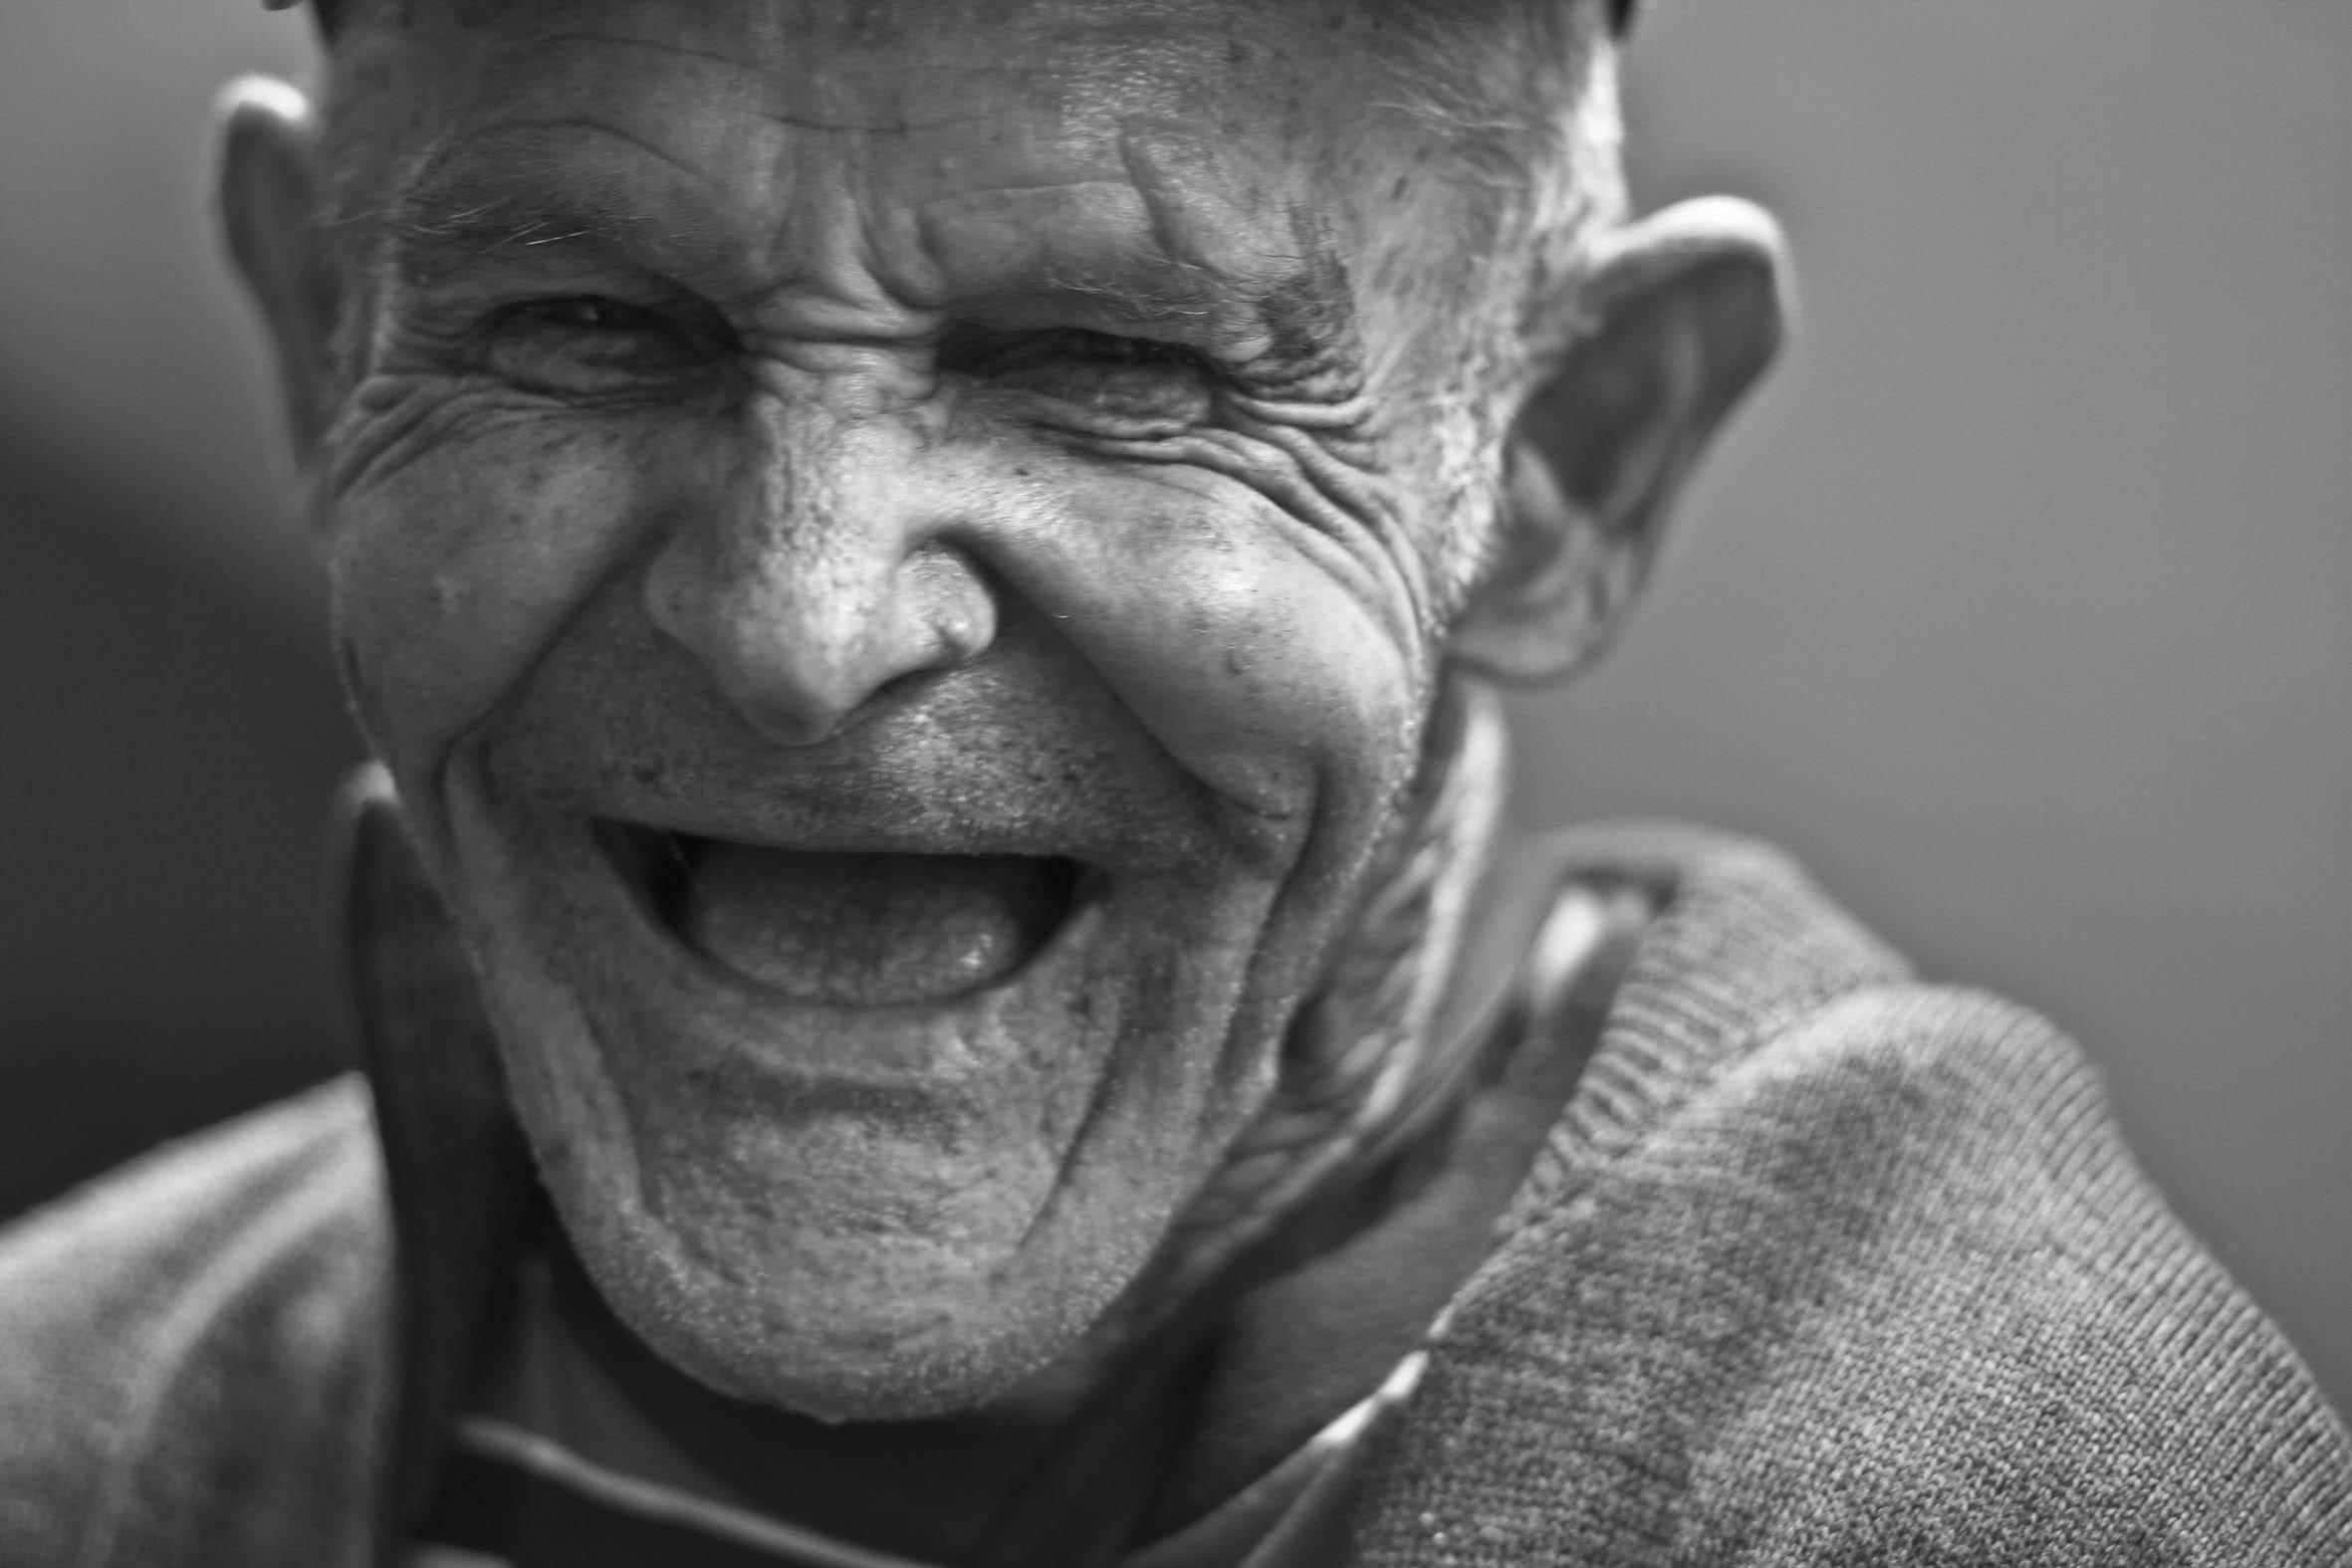 Científicos descubrieron los 17 gestos con los que expresamos felicidad